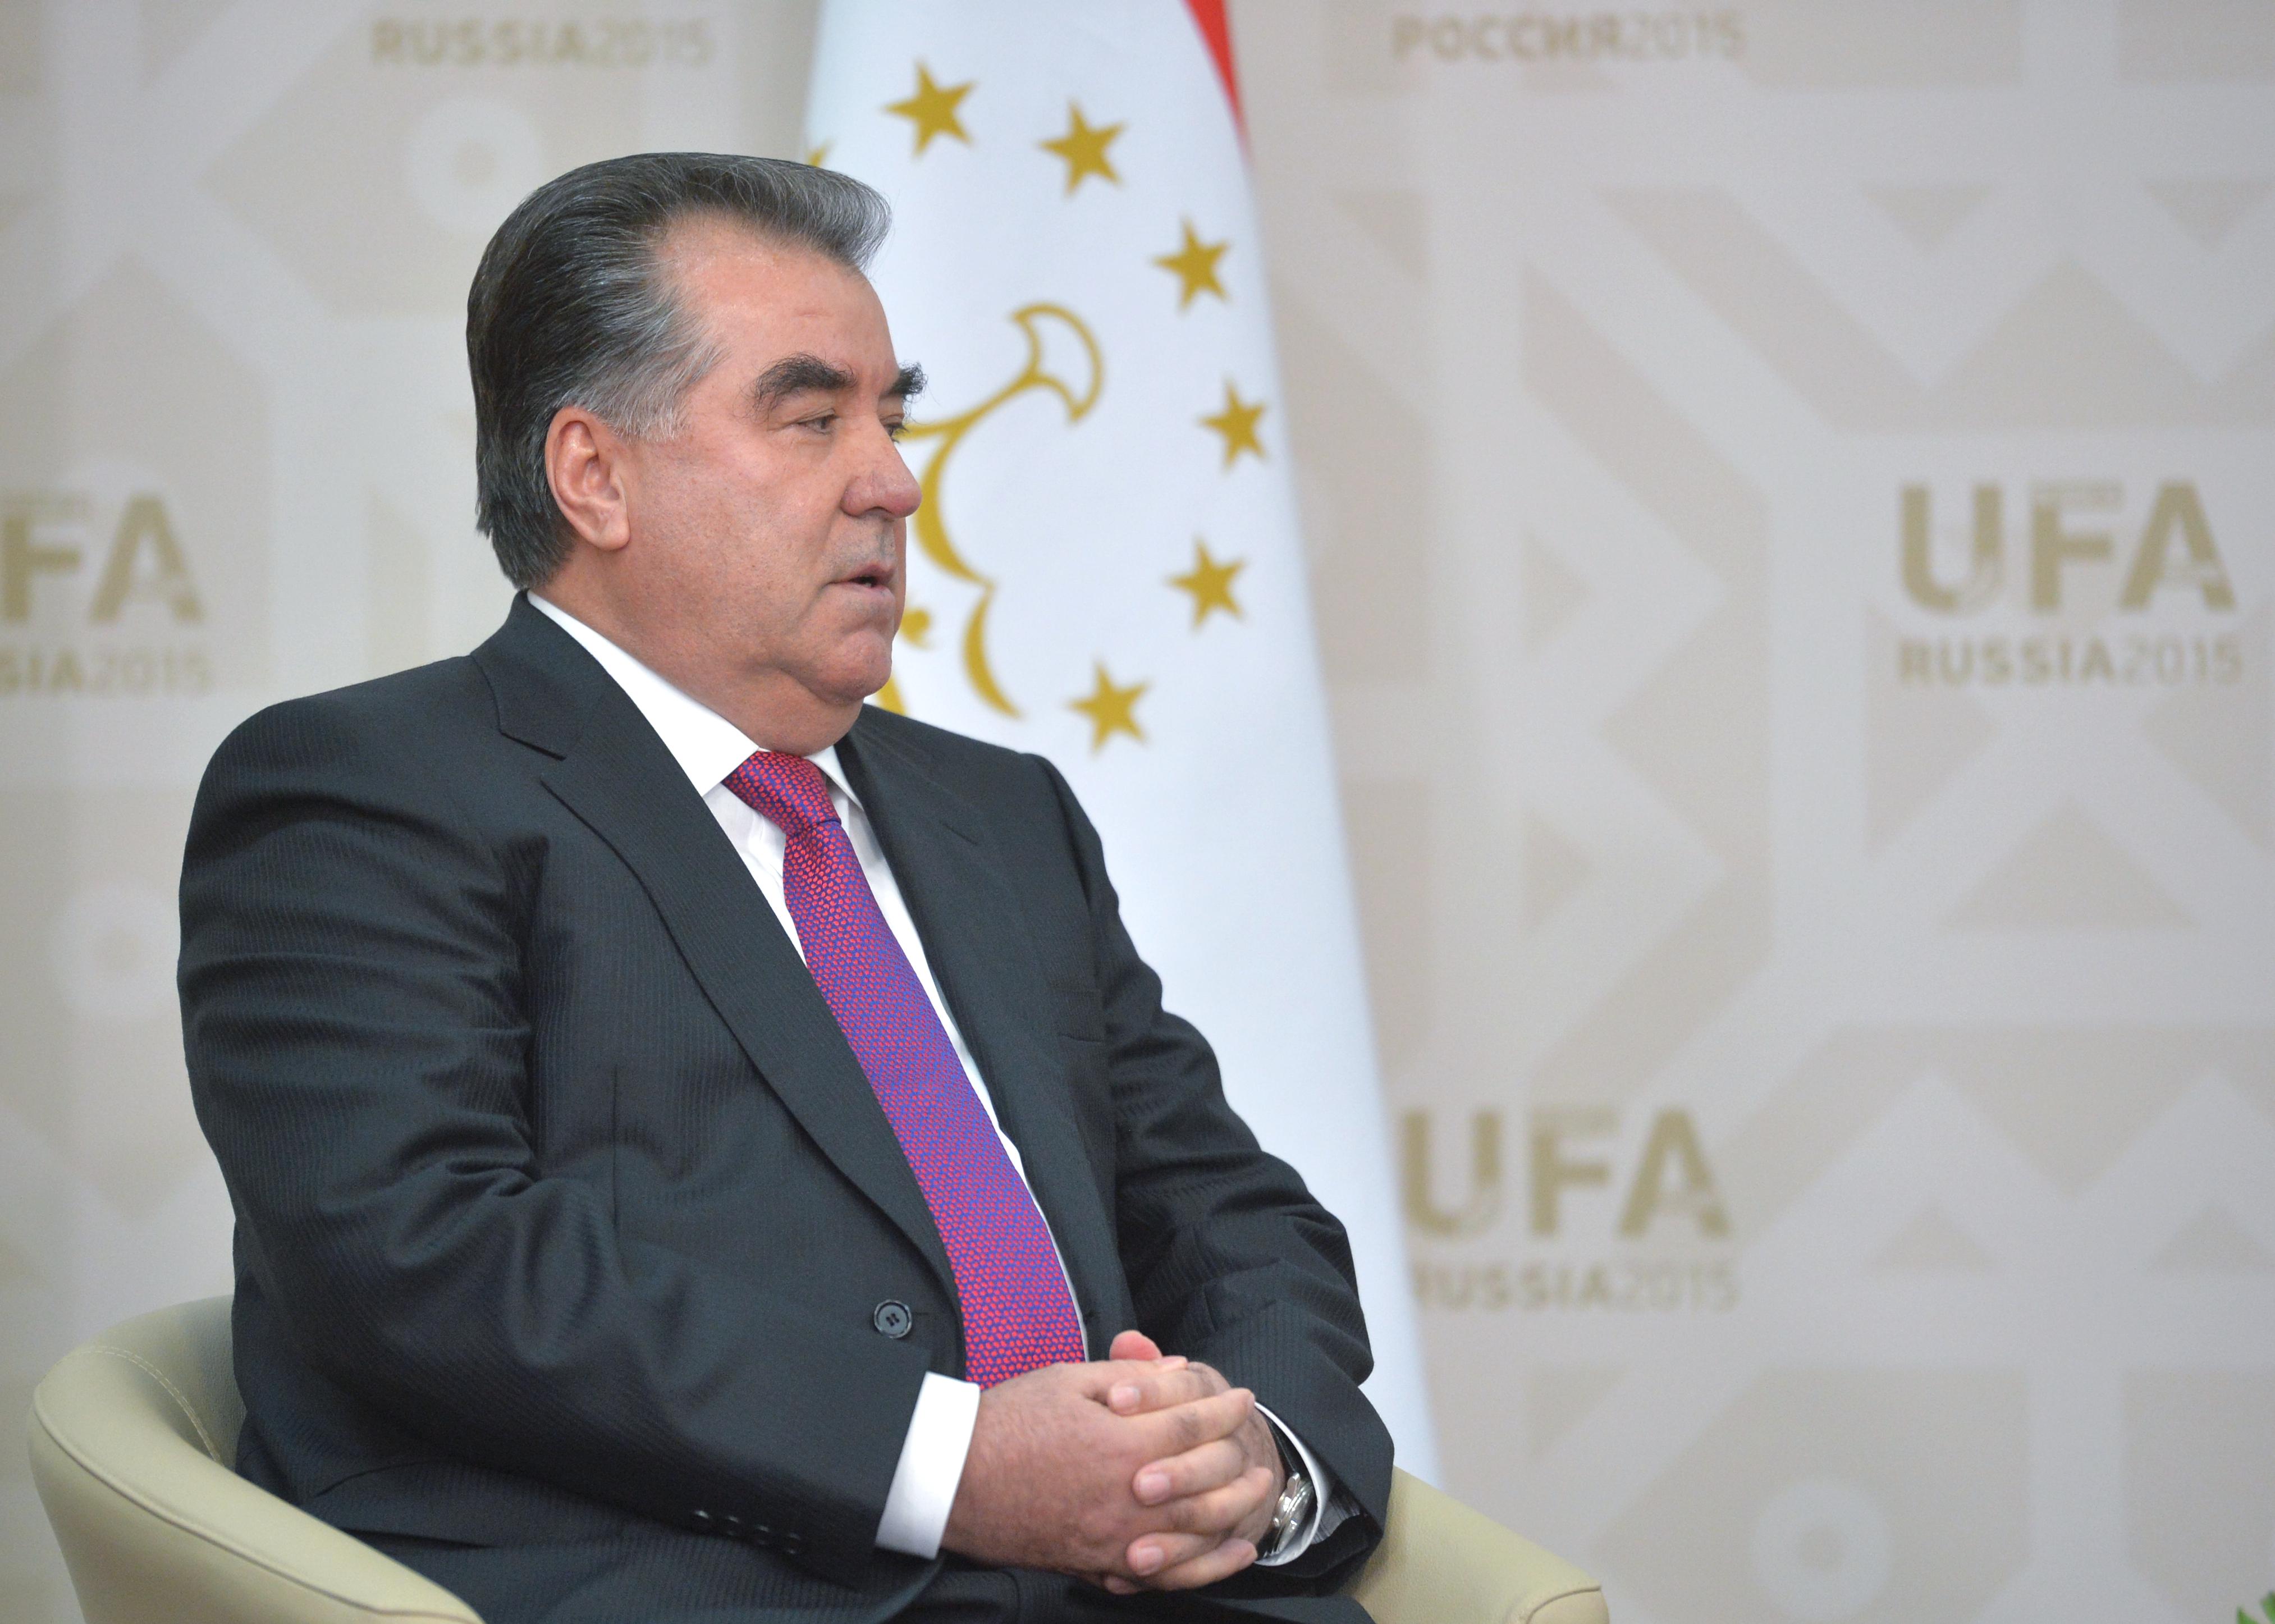 A tádzsikisztáni elnök a saját fiát nevezte ki a főváros polgármesterének